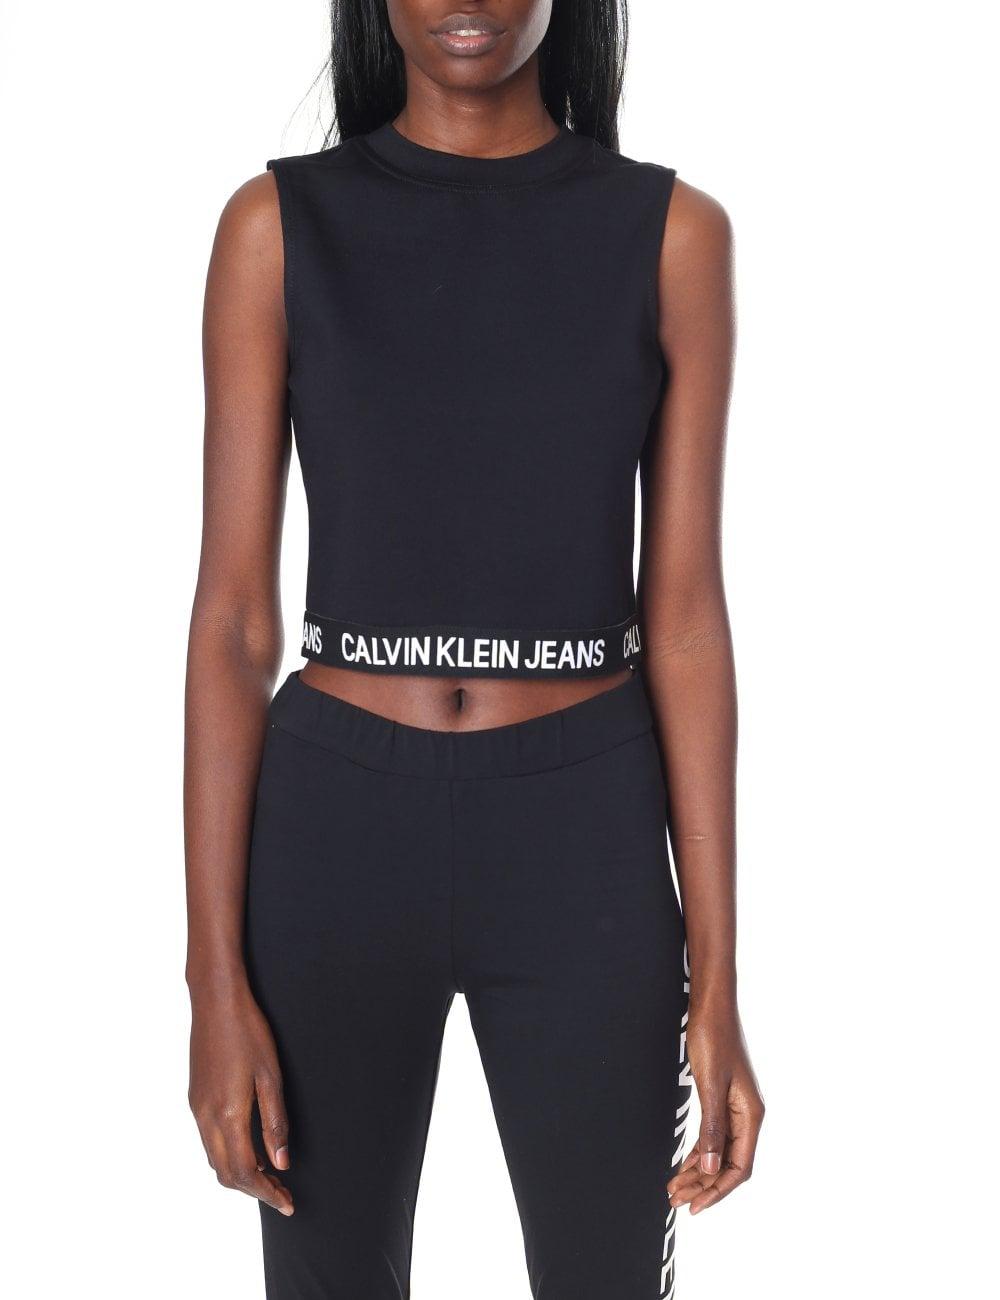 a52ea059 Calvin Klein Women's Milano Tank Top